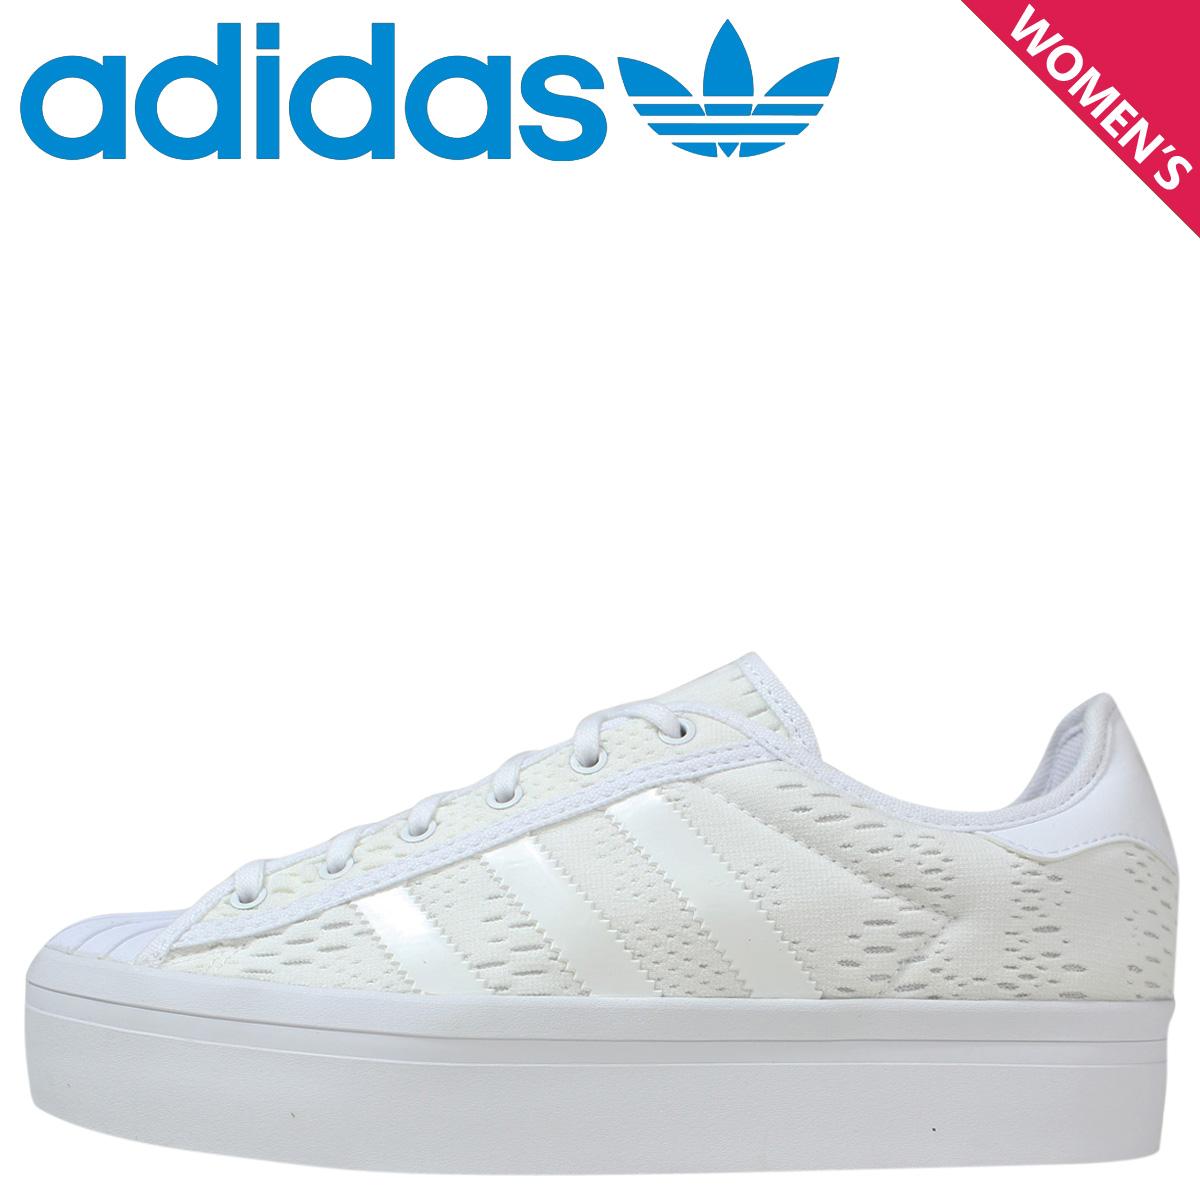 the best attitude e4403 d3991 Adidas originals adidas Originals superstar sneakers Womens SUPERSTAR RIZE  W S75071 shoes white [★ 10.